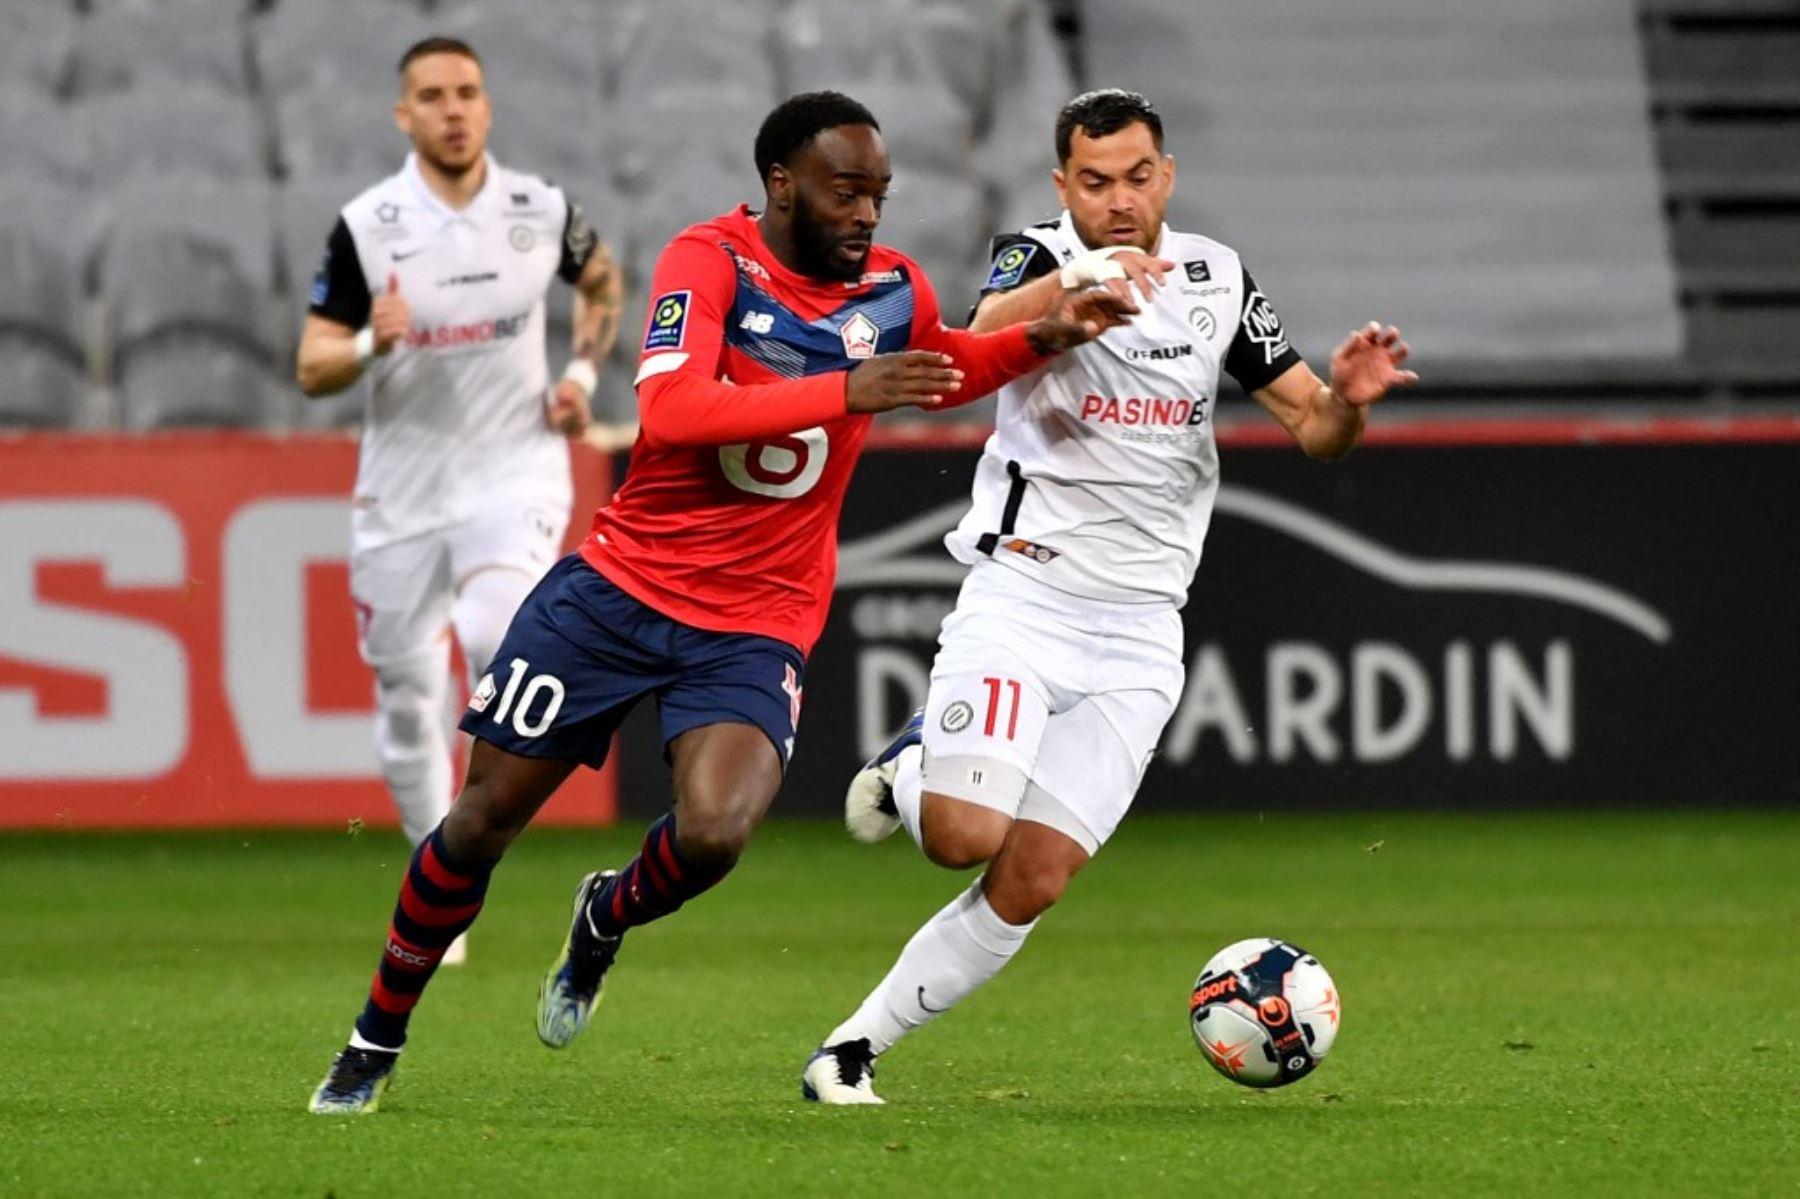 El mediocampista francés de Lille Jonathan Ikone (L) lucha por el balón con el centrocampista de Montpellier Teji Savanier durante el partido de fútbol francés L1 entre Lille LOSC y Montpellier Herault SC. Foto: AFP